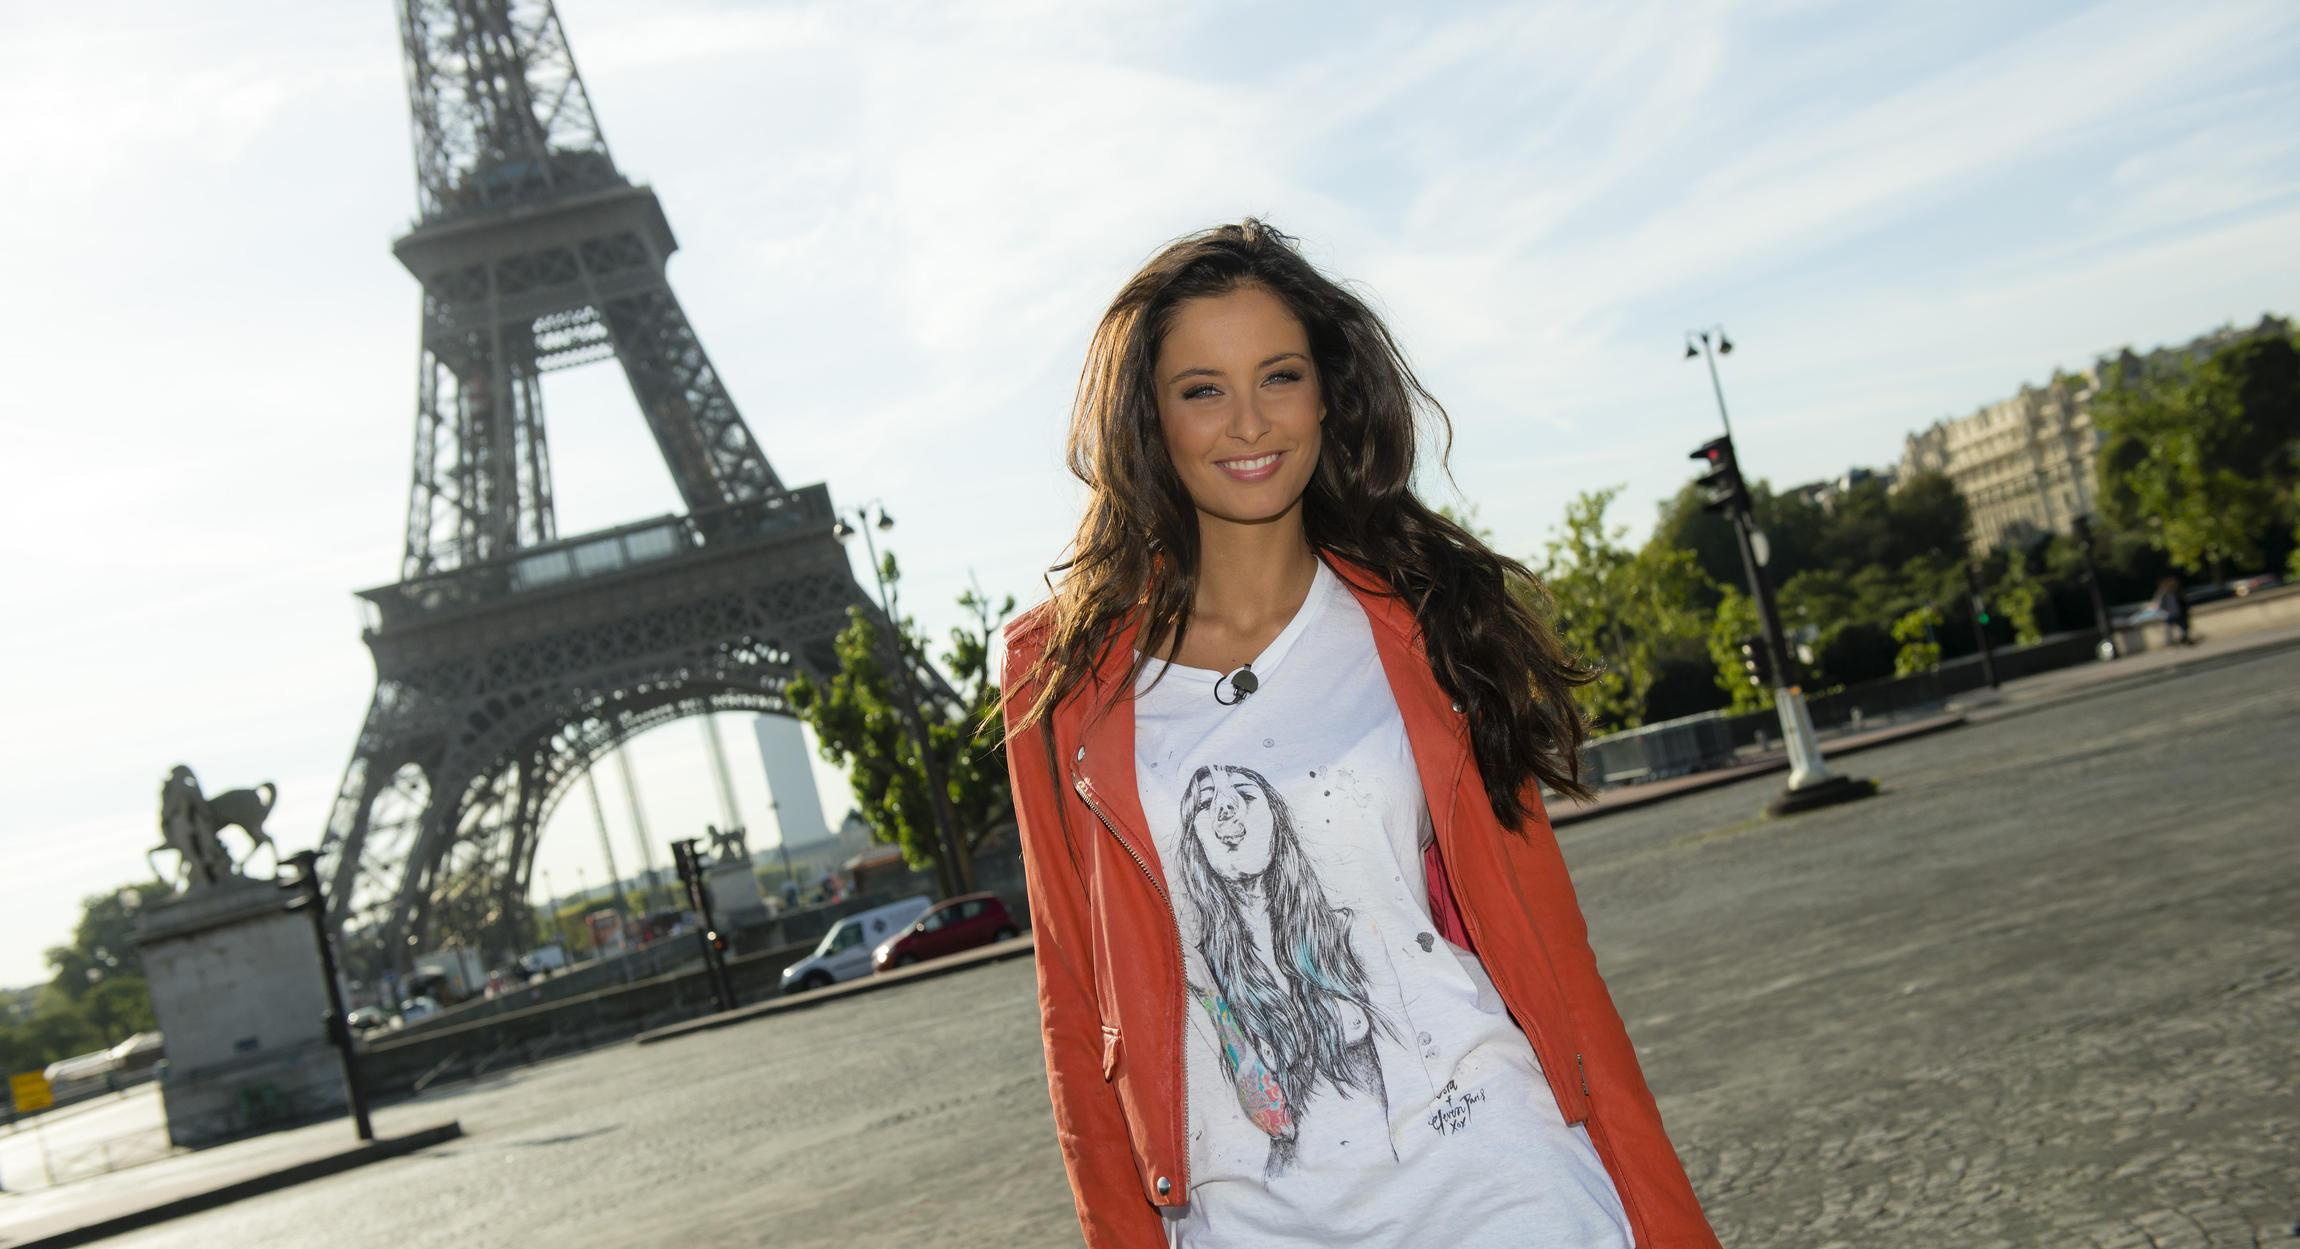 Мисс Франция Малика Менар: Англичане вели себя по хамски, а русские их проучили